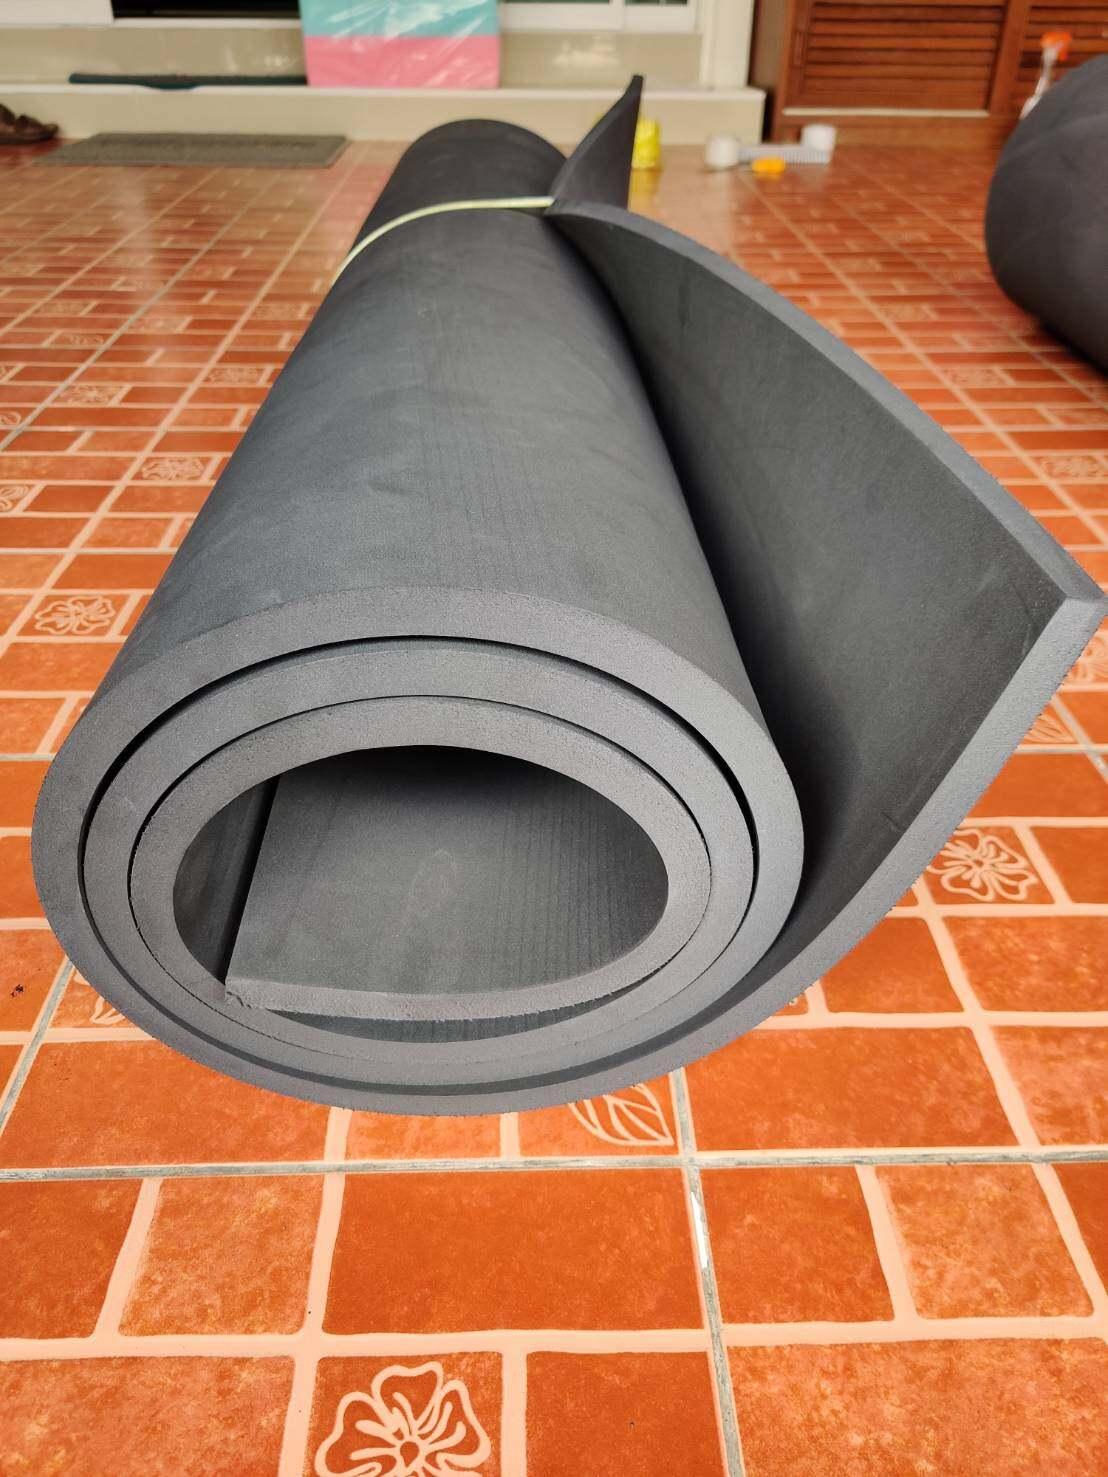 แผ่นยาง Eva สีดำเรียบ หนา 15-30 มม. ขนาด 130x240 ซม..